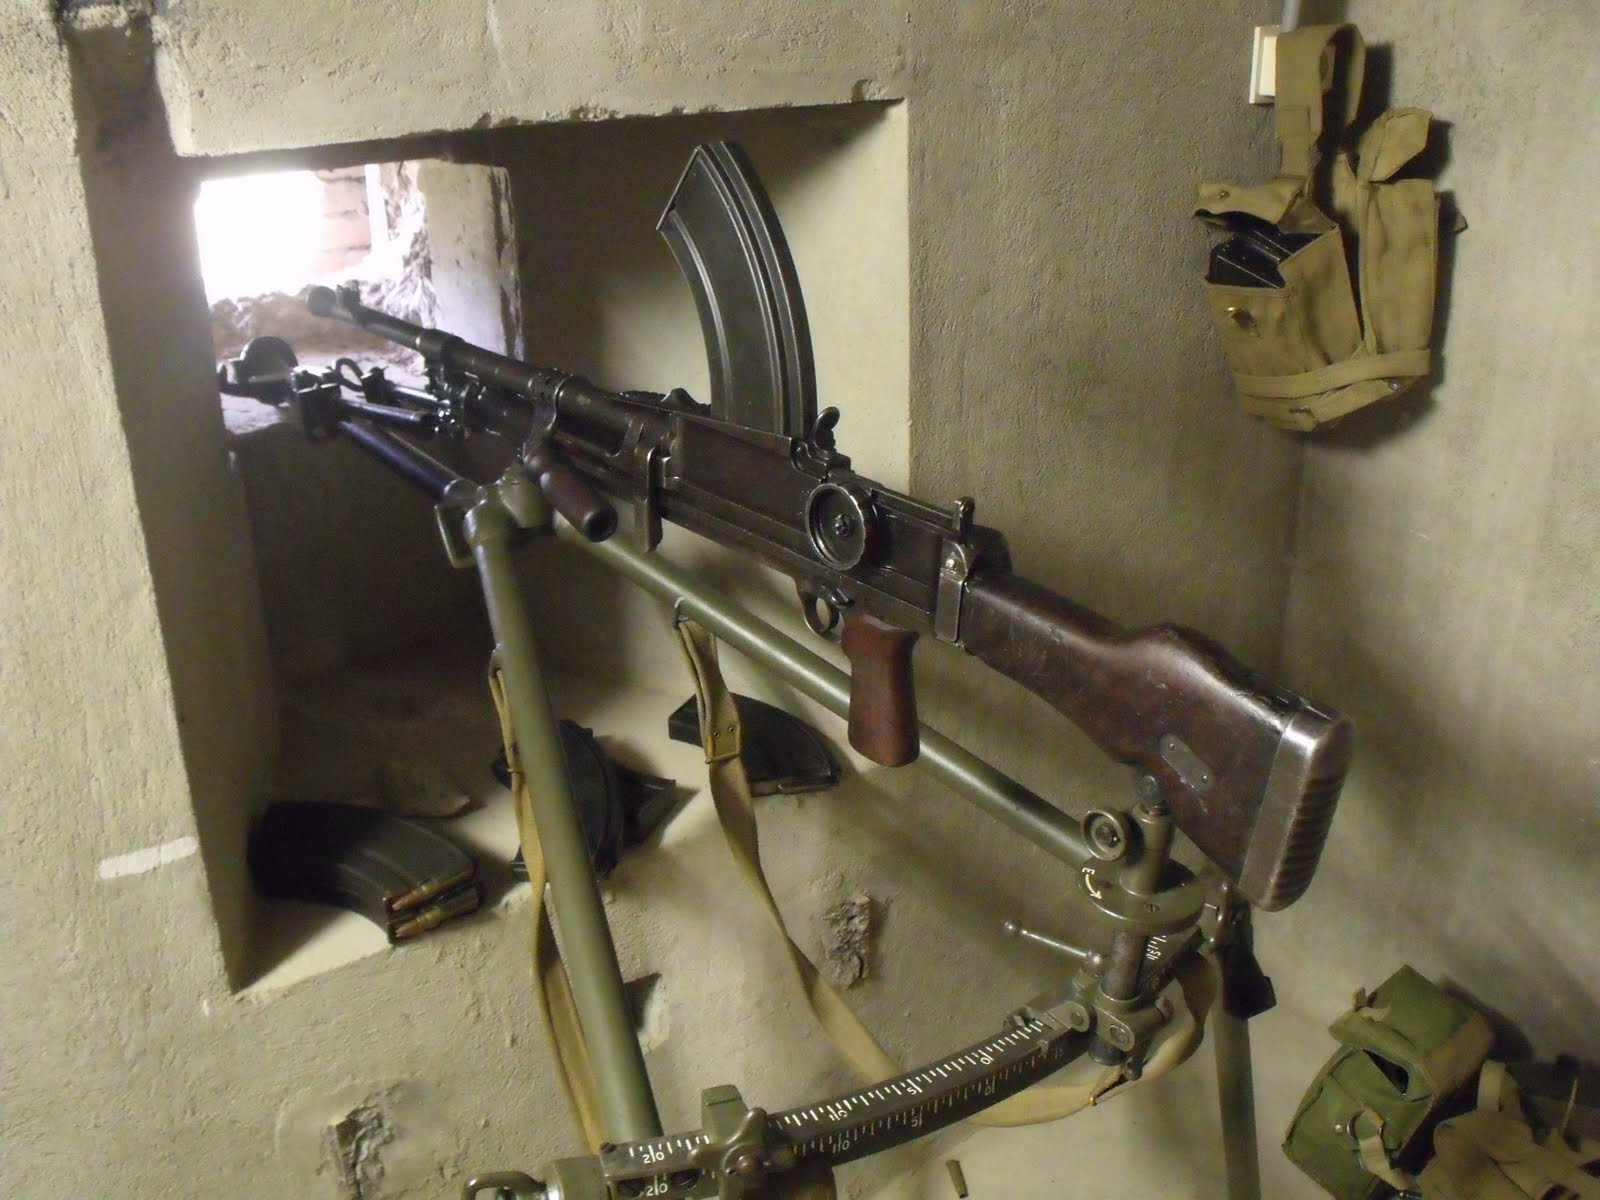 Ручной пулемет на станке в амбразуре бункера.